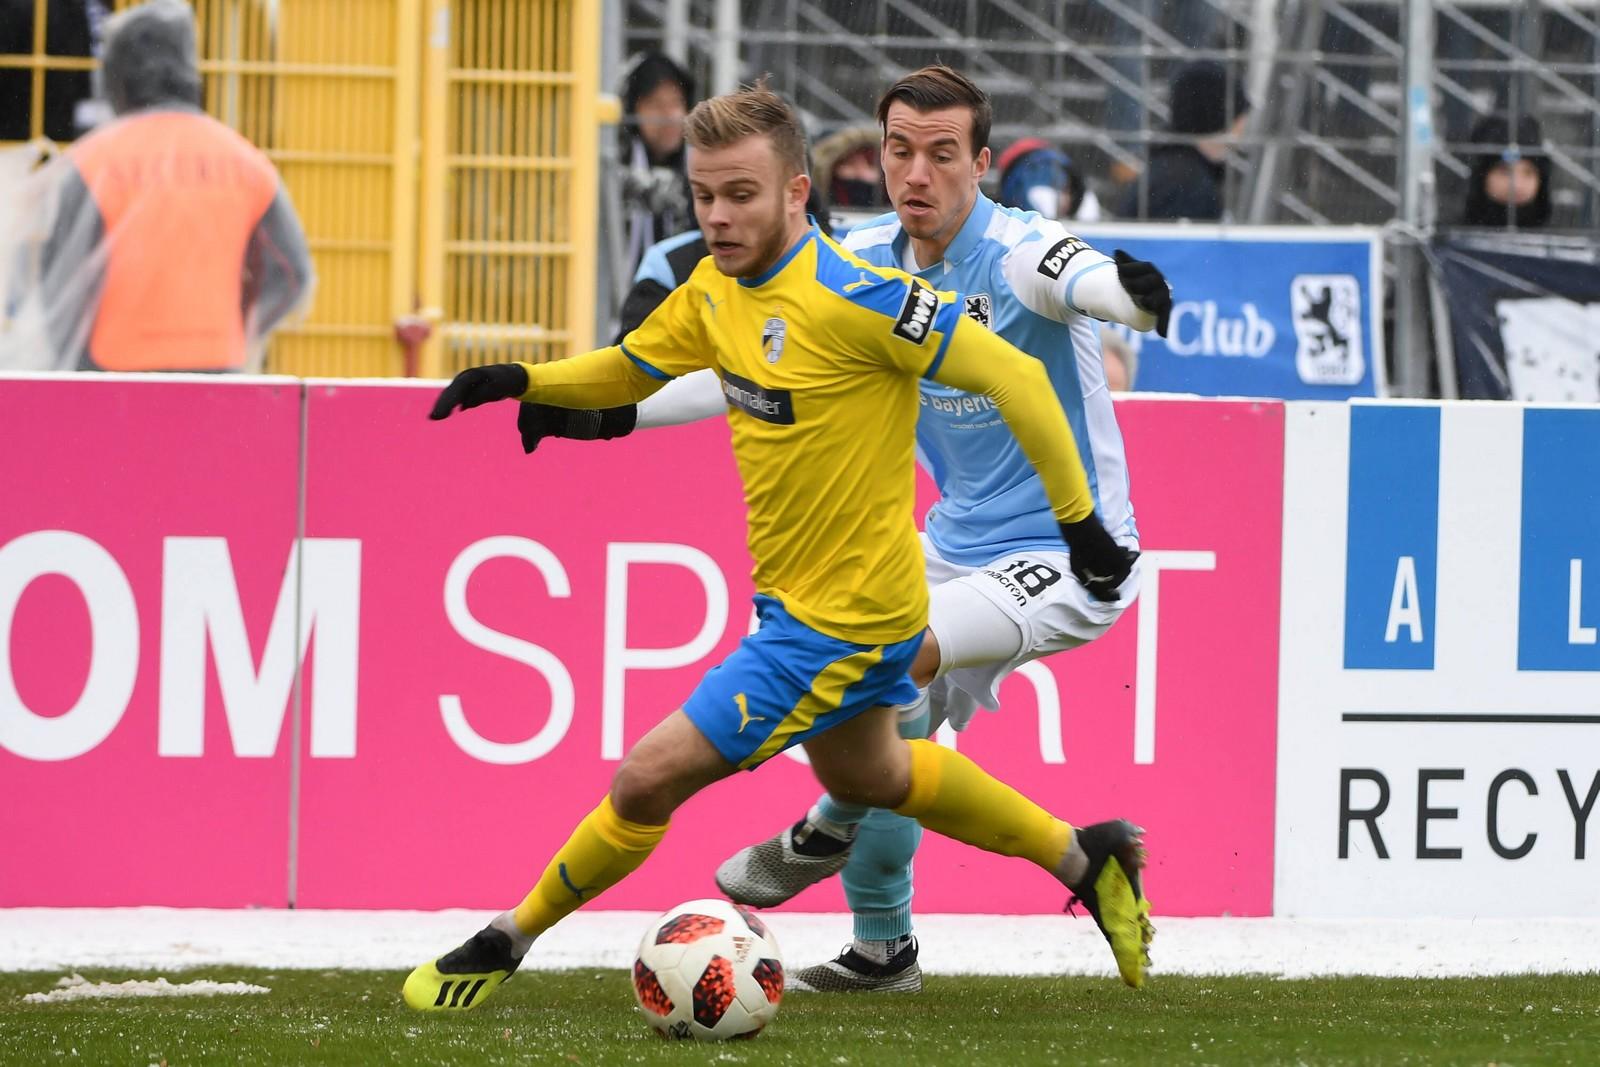 Guillaume Cros im Spiel gegen 1860 München.